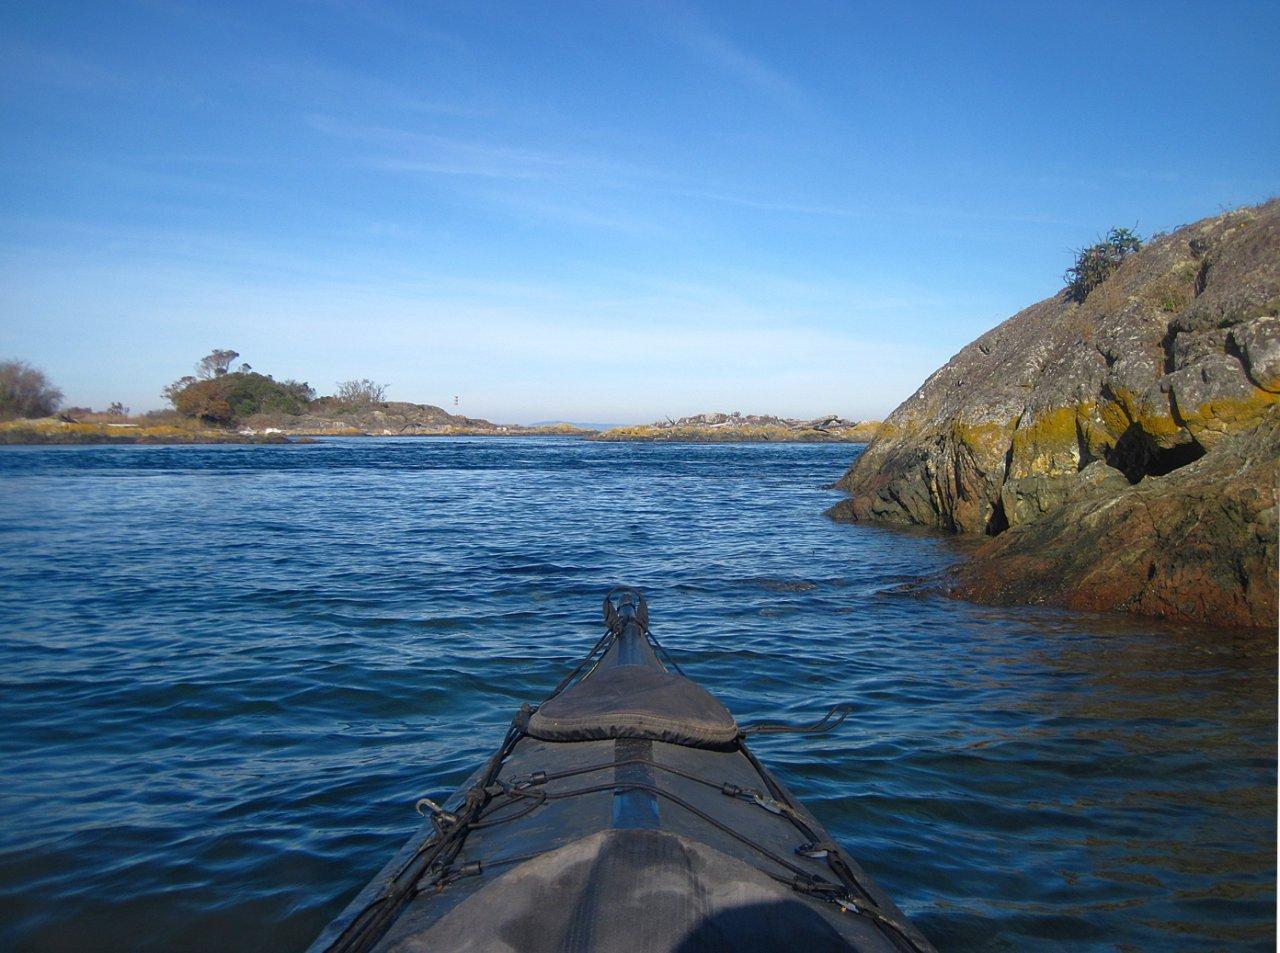 06 Channel between Strongtide and Vantreight Islands.JPG